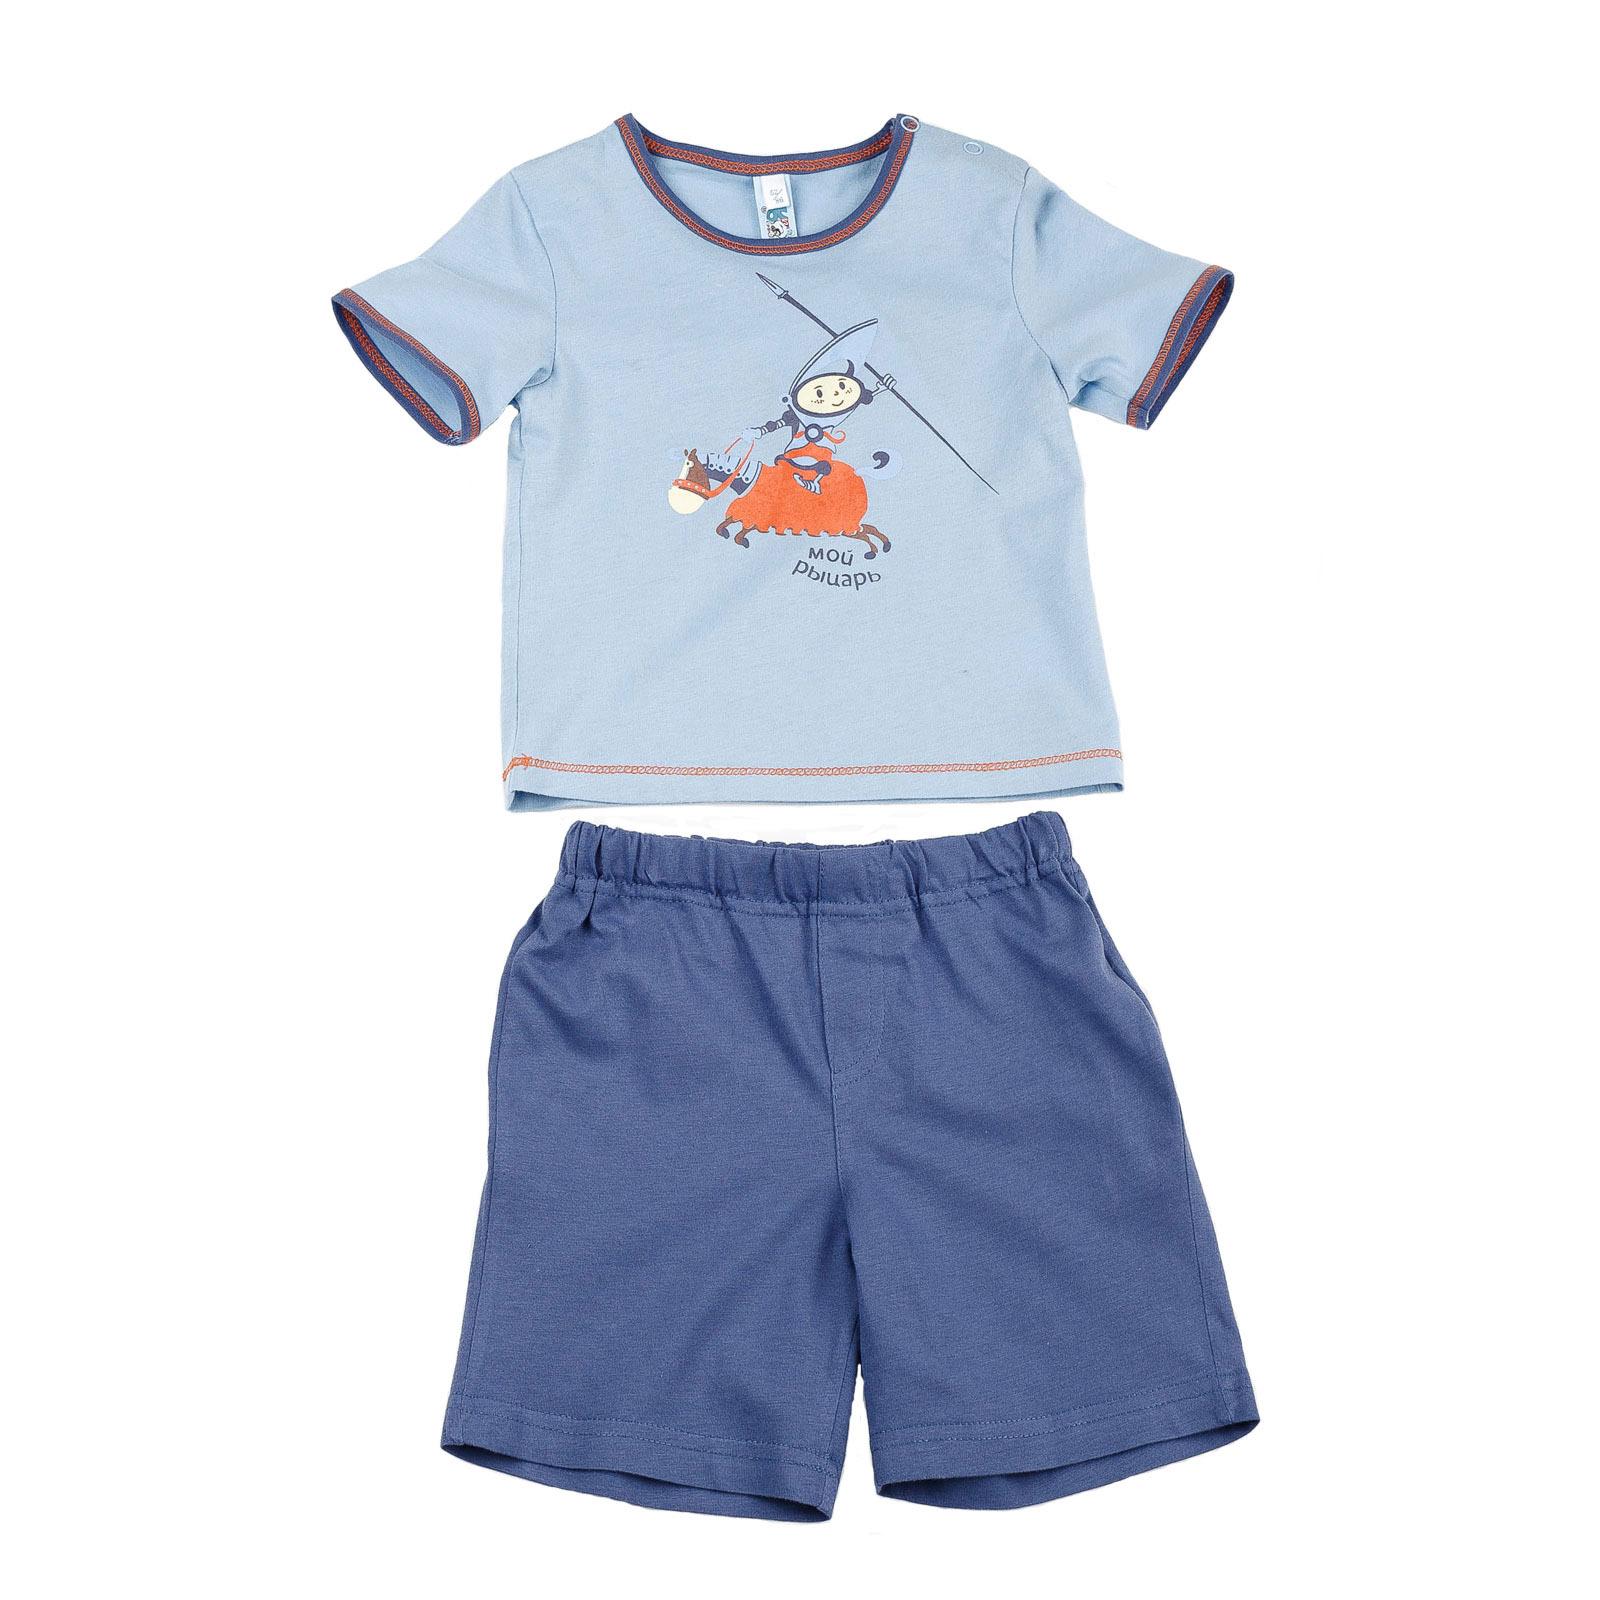 Комплект Veneya Венейя (футболка+шорты) для мальчика голубой размер 80